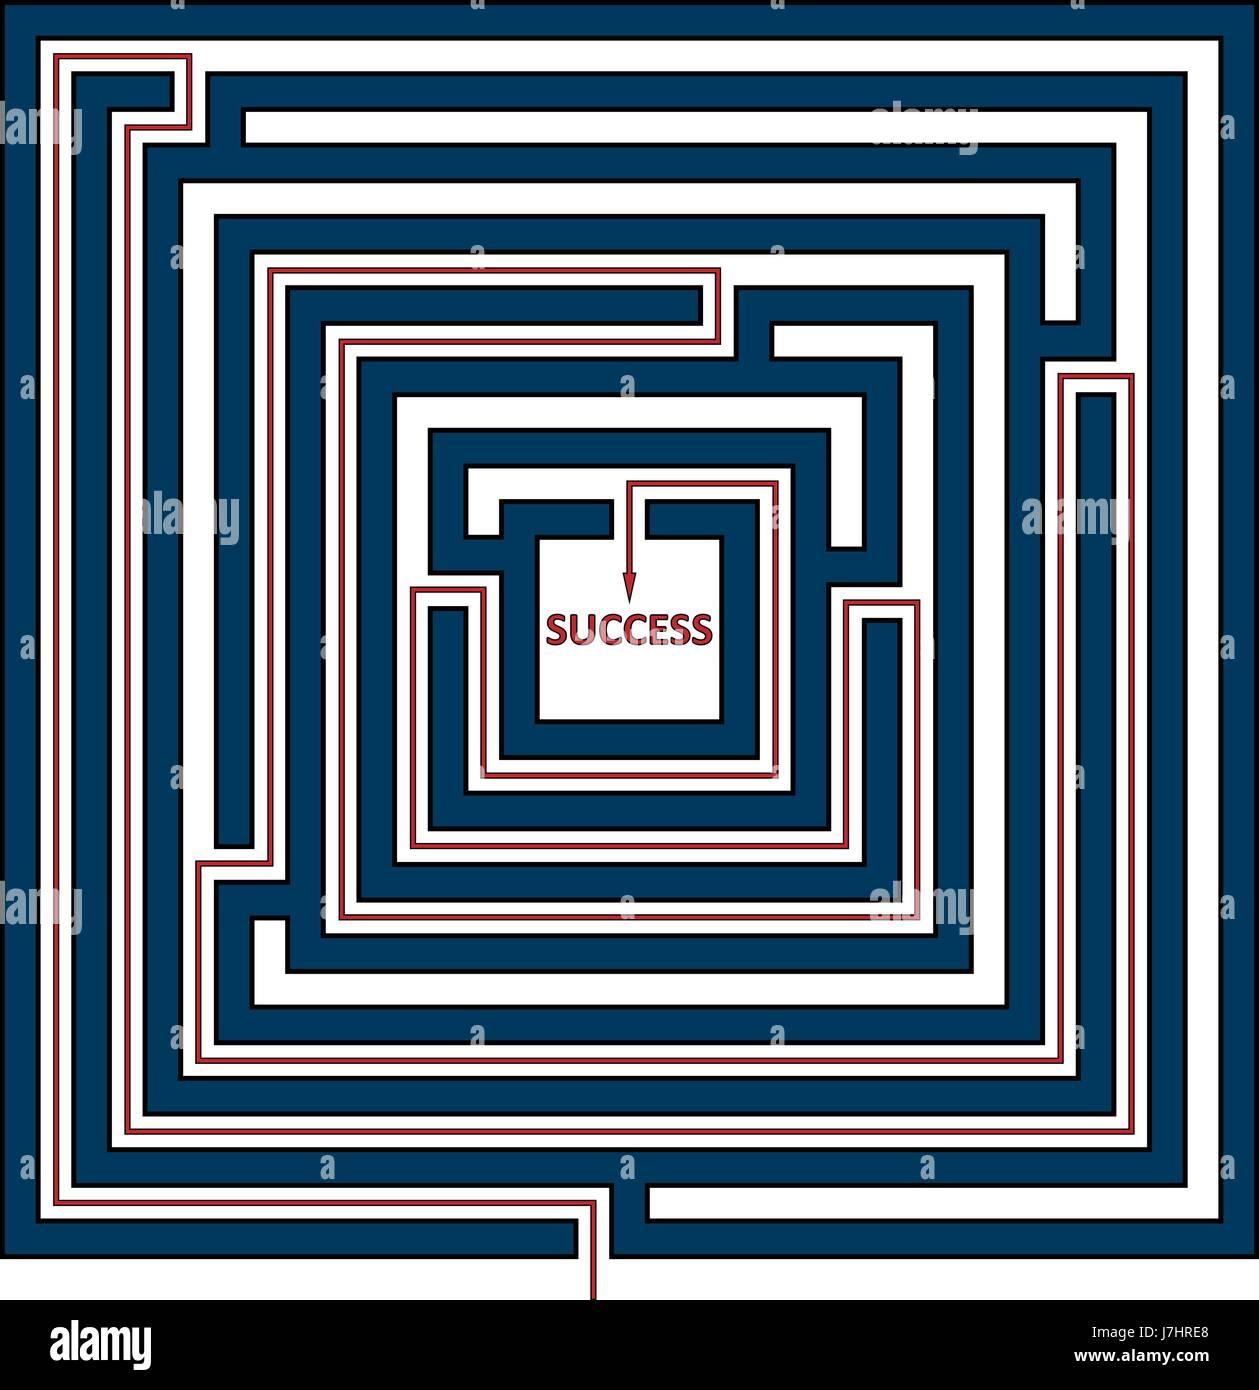 Illustrazione Vettoriale di labirinto quadrato con la soluzione come una linea rossa per il successo. Rettangolo Immagini Stock